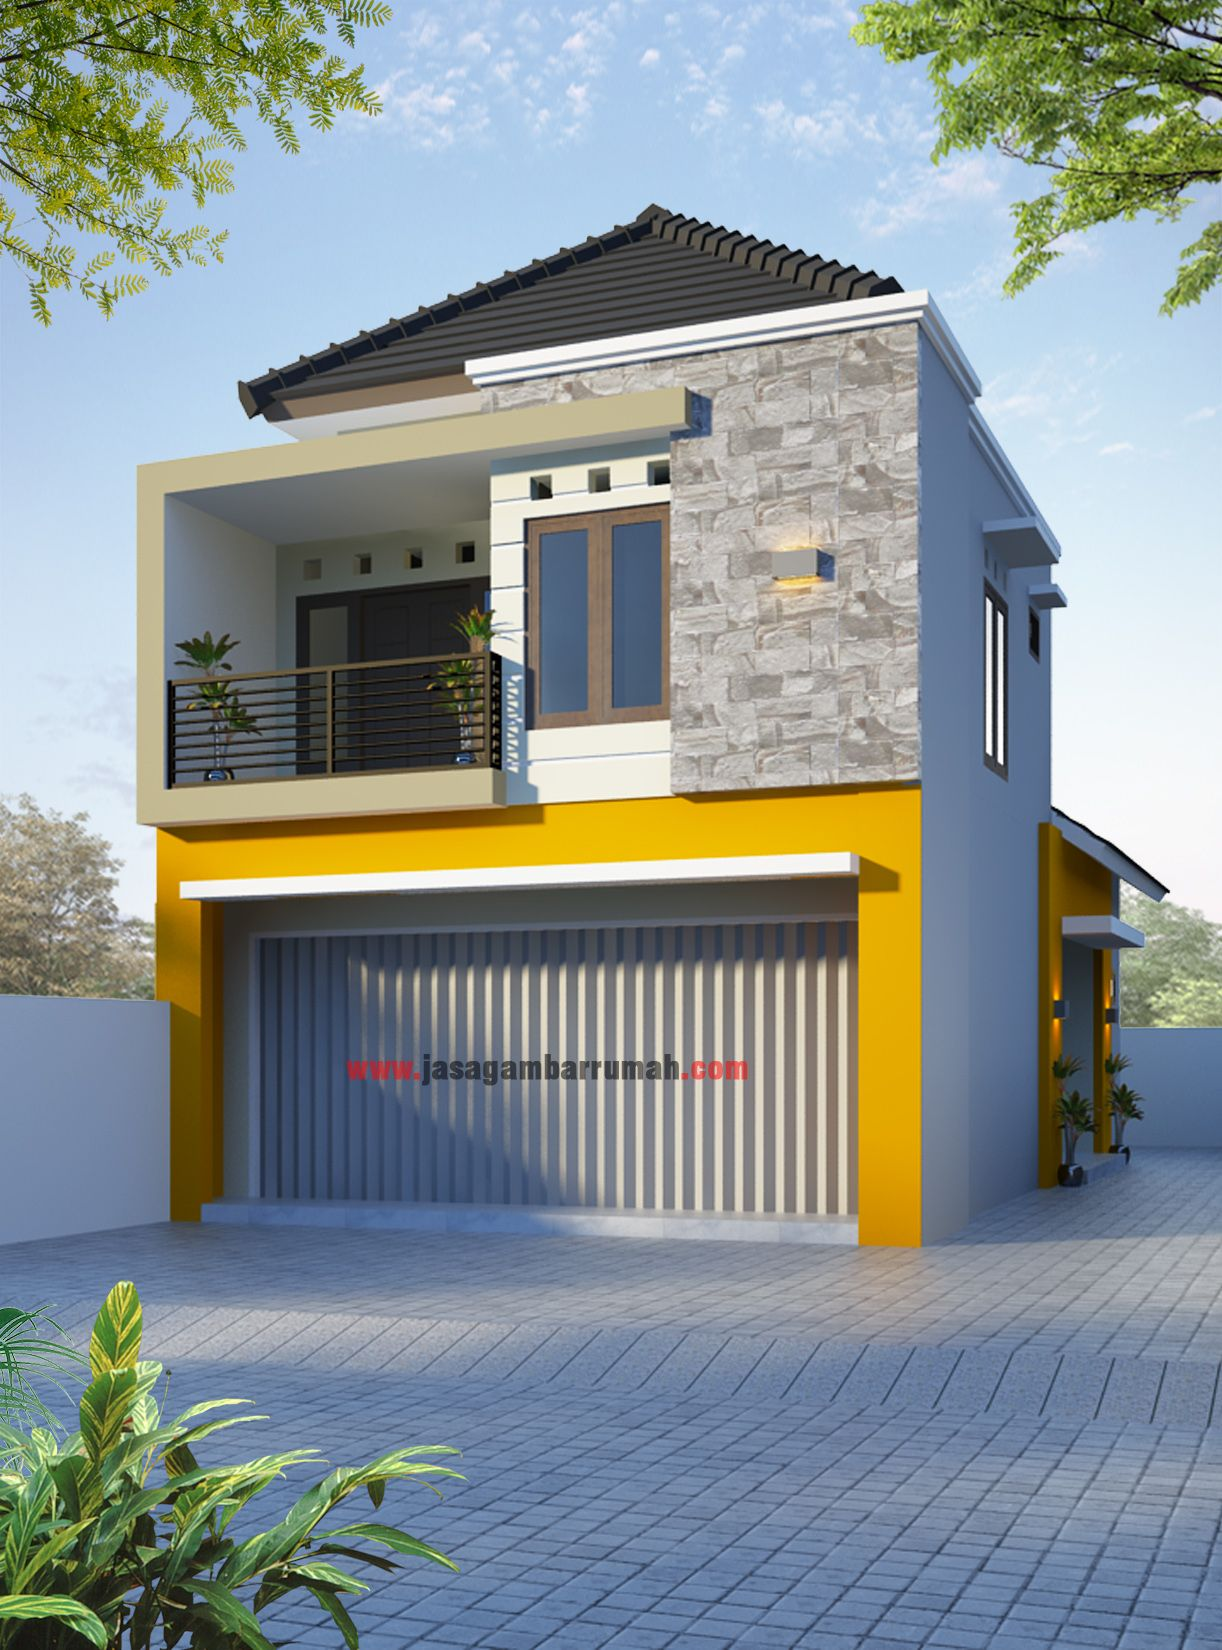 Ruko2lbhb.jpg (1222×1650) | Rumah Minimalis, Desain Eksterior, Rumah